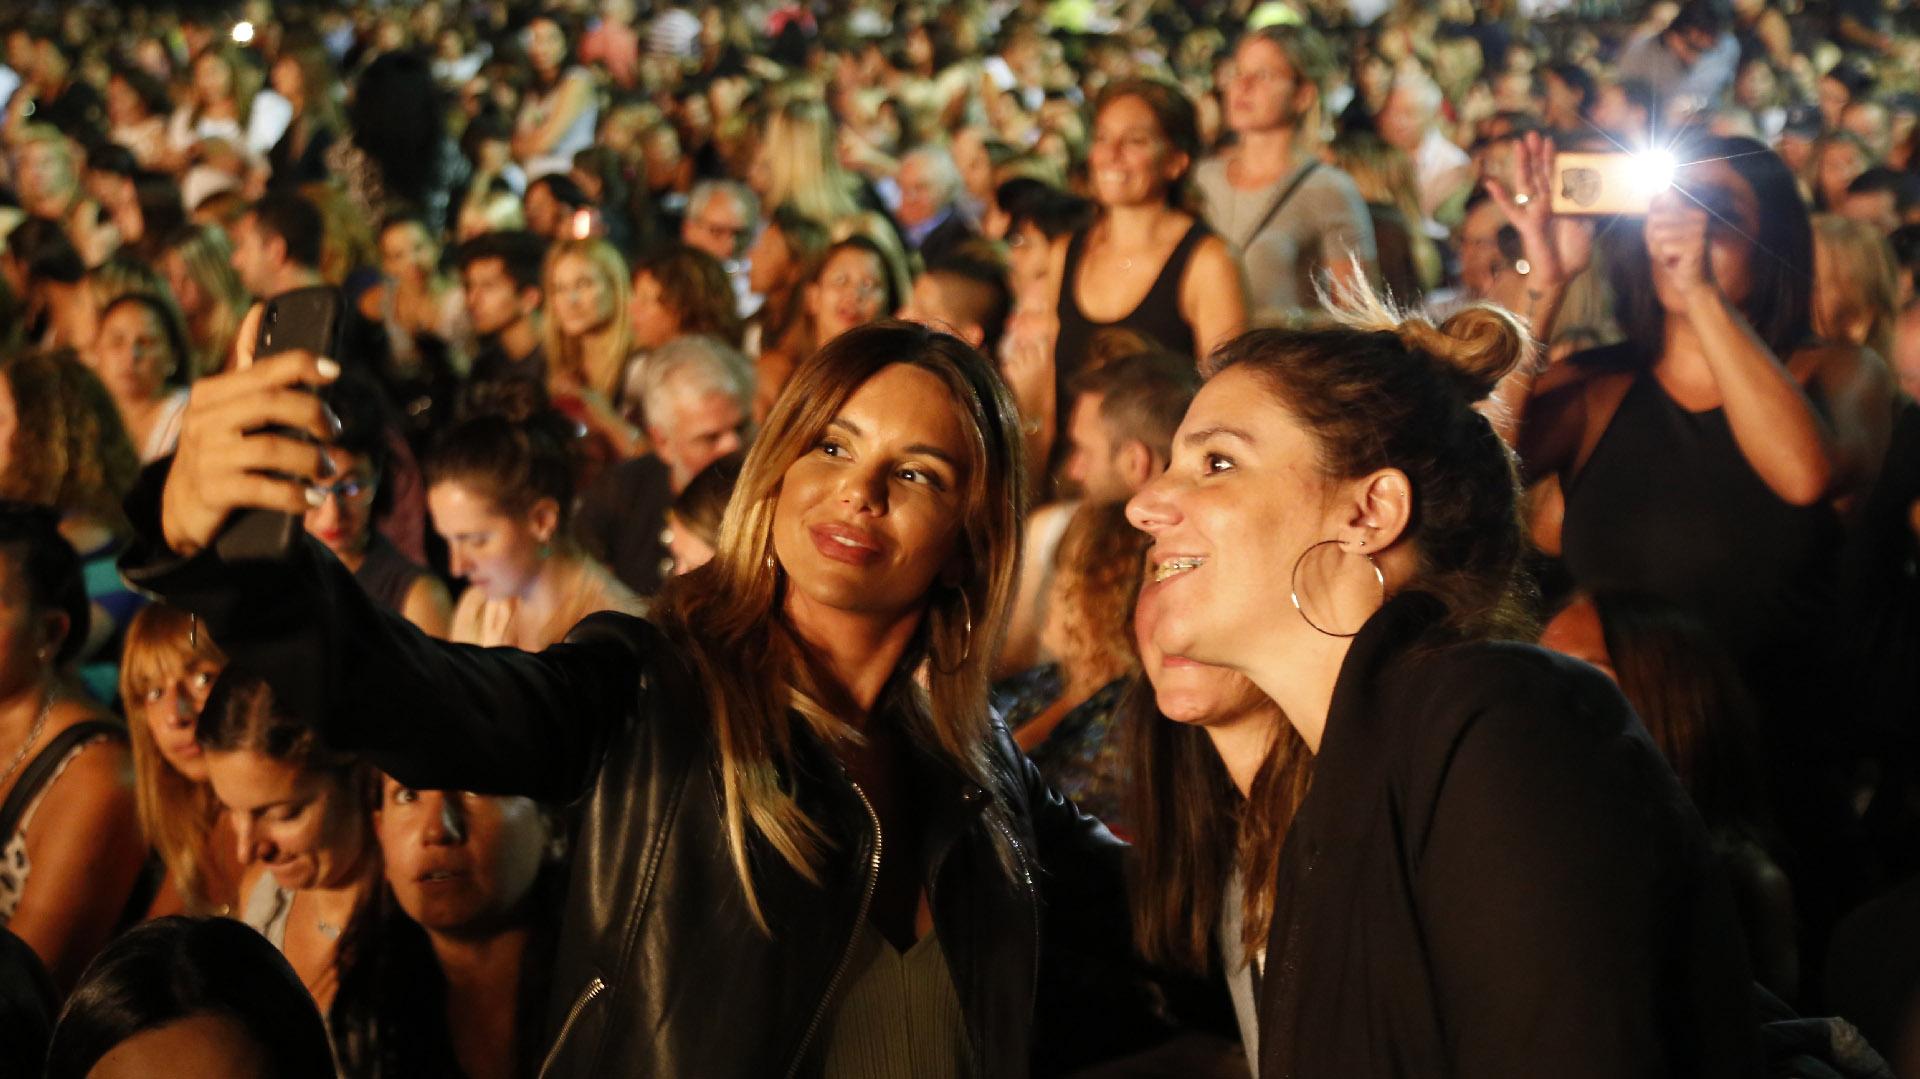 Selfies y fotos fueron moneda corriente entre un público mayoritariamente femenino